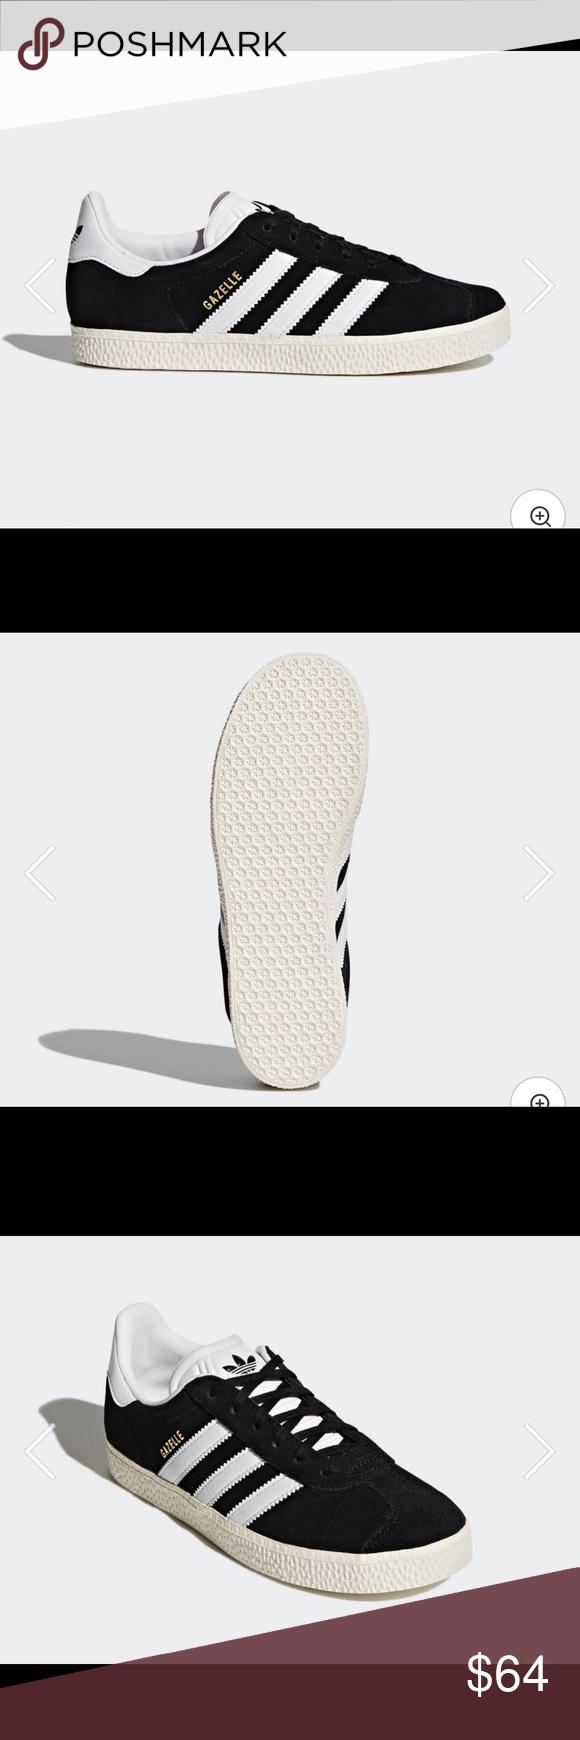 Unisex Adidas Gazelle nuevas Adidas Gazelle, zapatos deportivos y